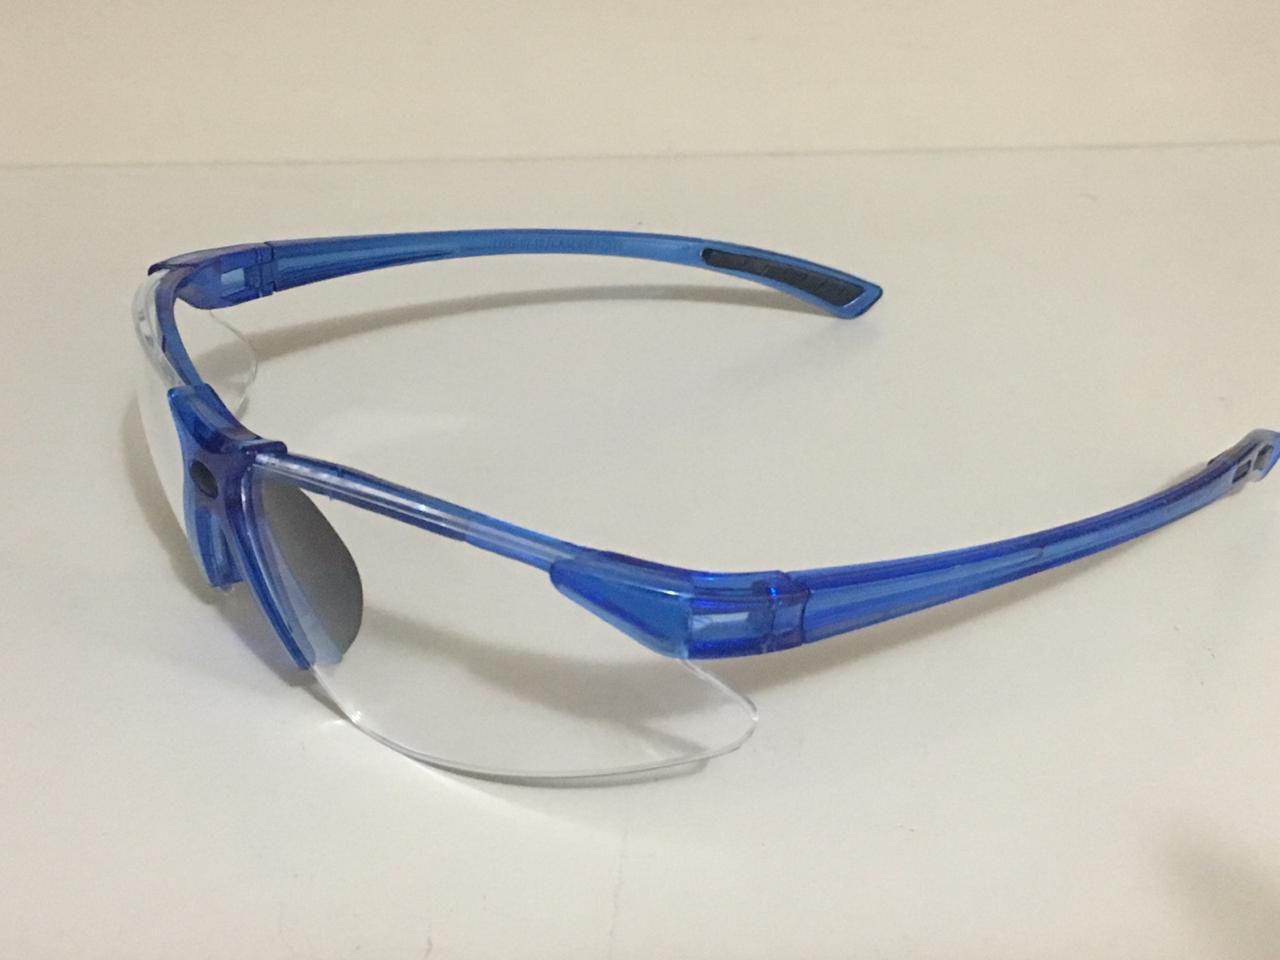 e268f957ab1fb Oculos de Segurança Incolor Urano Plastcor - Kalipso R  20,78 à vista.  Adicionar à sacola